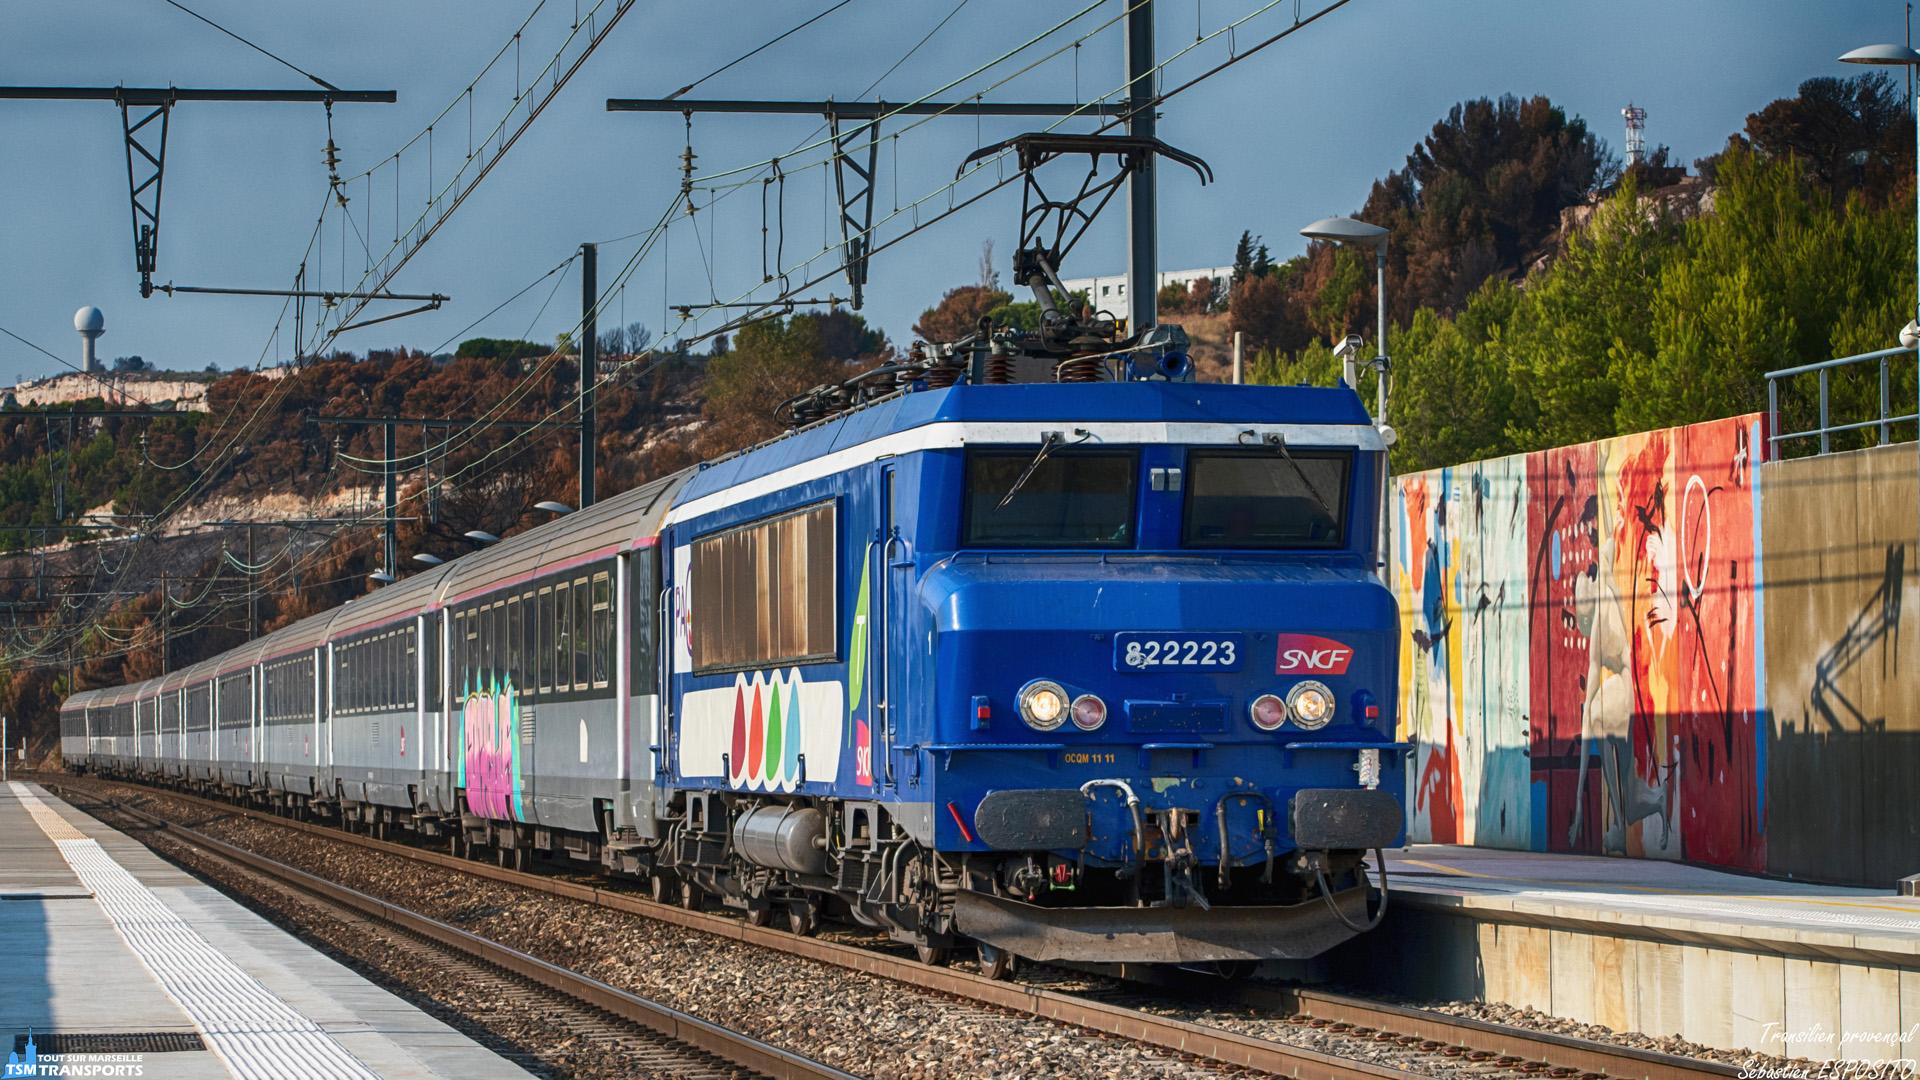 """Transilien provençal 🌅"""". . Une fin d'après en juillet dernier, sur un Intercités Bordeaux Marseille, une locomotive assez exceptionnelle tire le 4661 vers la cité phocéenne. . En effet il s'agit de la BB22223 avec ses Berlingot qui est venu au secours du service voyageurs Intercités et qui est aperçu en gare de Vitrolles Aéroport à vive allure. . ℹ️ Alsthom MTE BB22200 (BB22223) PAC Transilien. . 📍 Gare de Vitrolles Aéroport Marseille Provence, Impasse Thalès, Zac de la Couperine, 13127 Vitrolles. . ↔️ Intercités 4661 : Bordeaux Saint Jean - Marseille Saint Charles. . 📸 Nikon D5600. . 📷 Nikkor 70-300mm. . 📅 24 Juillet 2019 à 18:33. . 👨 Sébastien ESPOSITO accompagné de @lordregio13 ."""